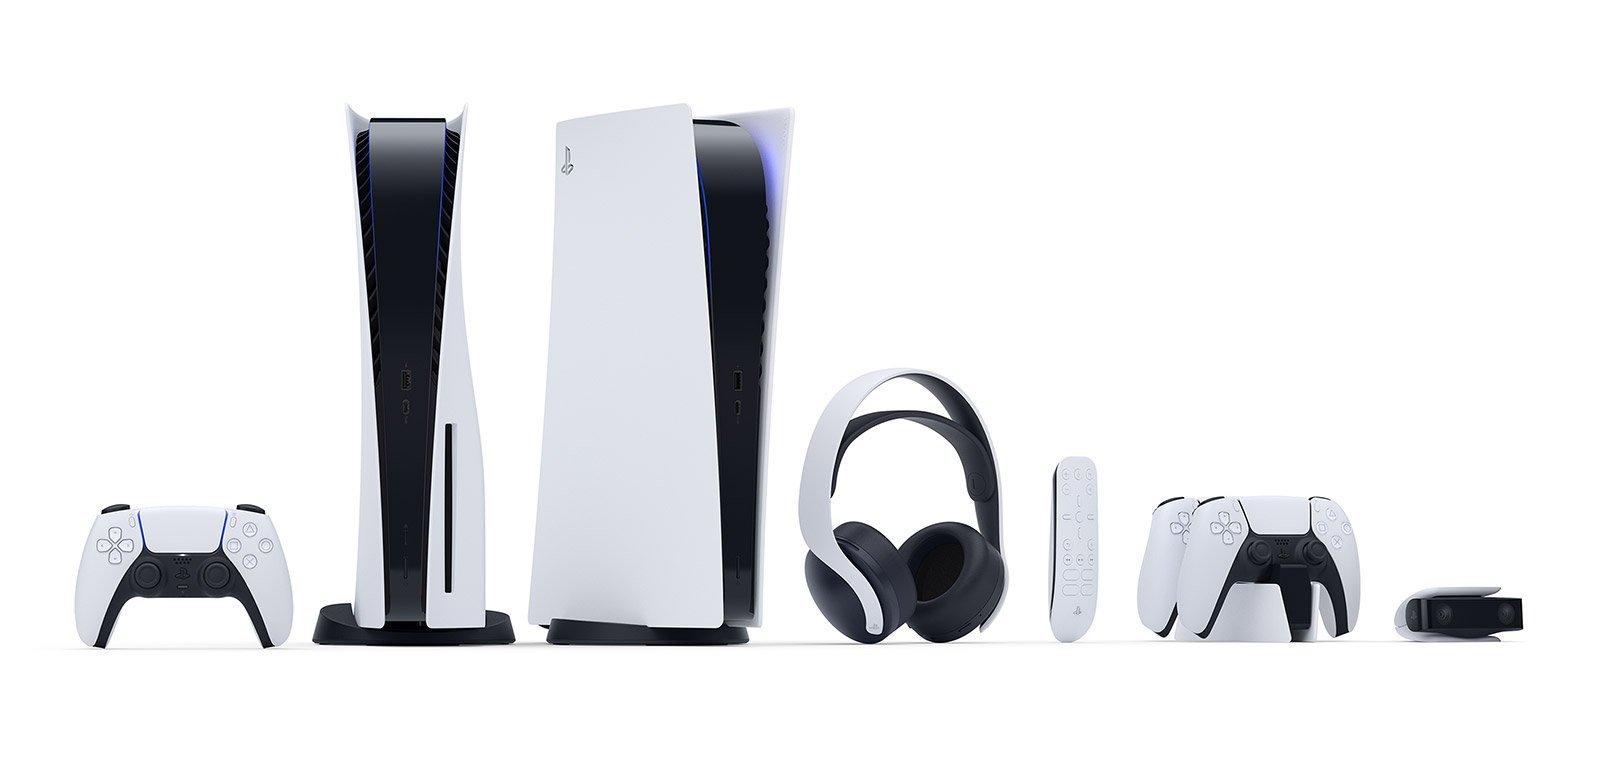 Console Comparisons Ps5 Vs Ps4 Pro Xbox Series X Vs Xbox One X Allgamers